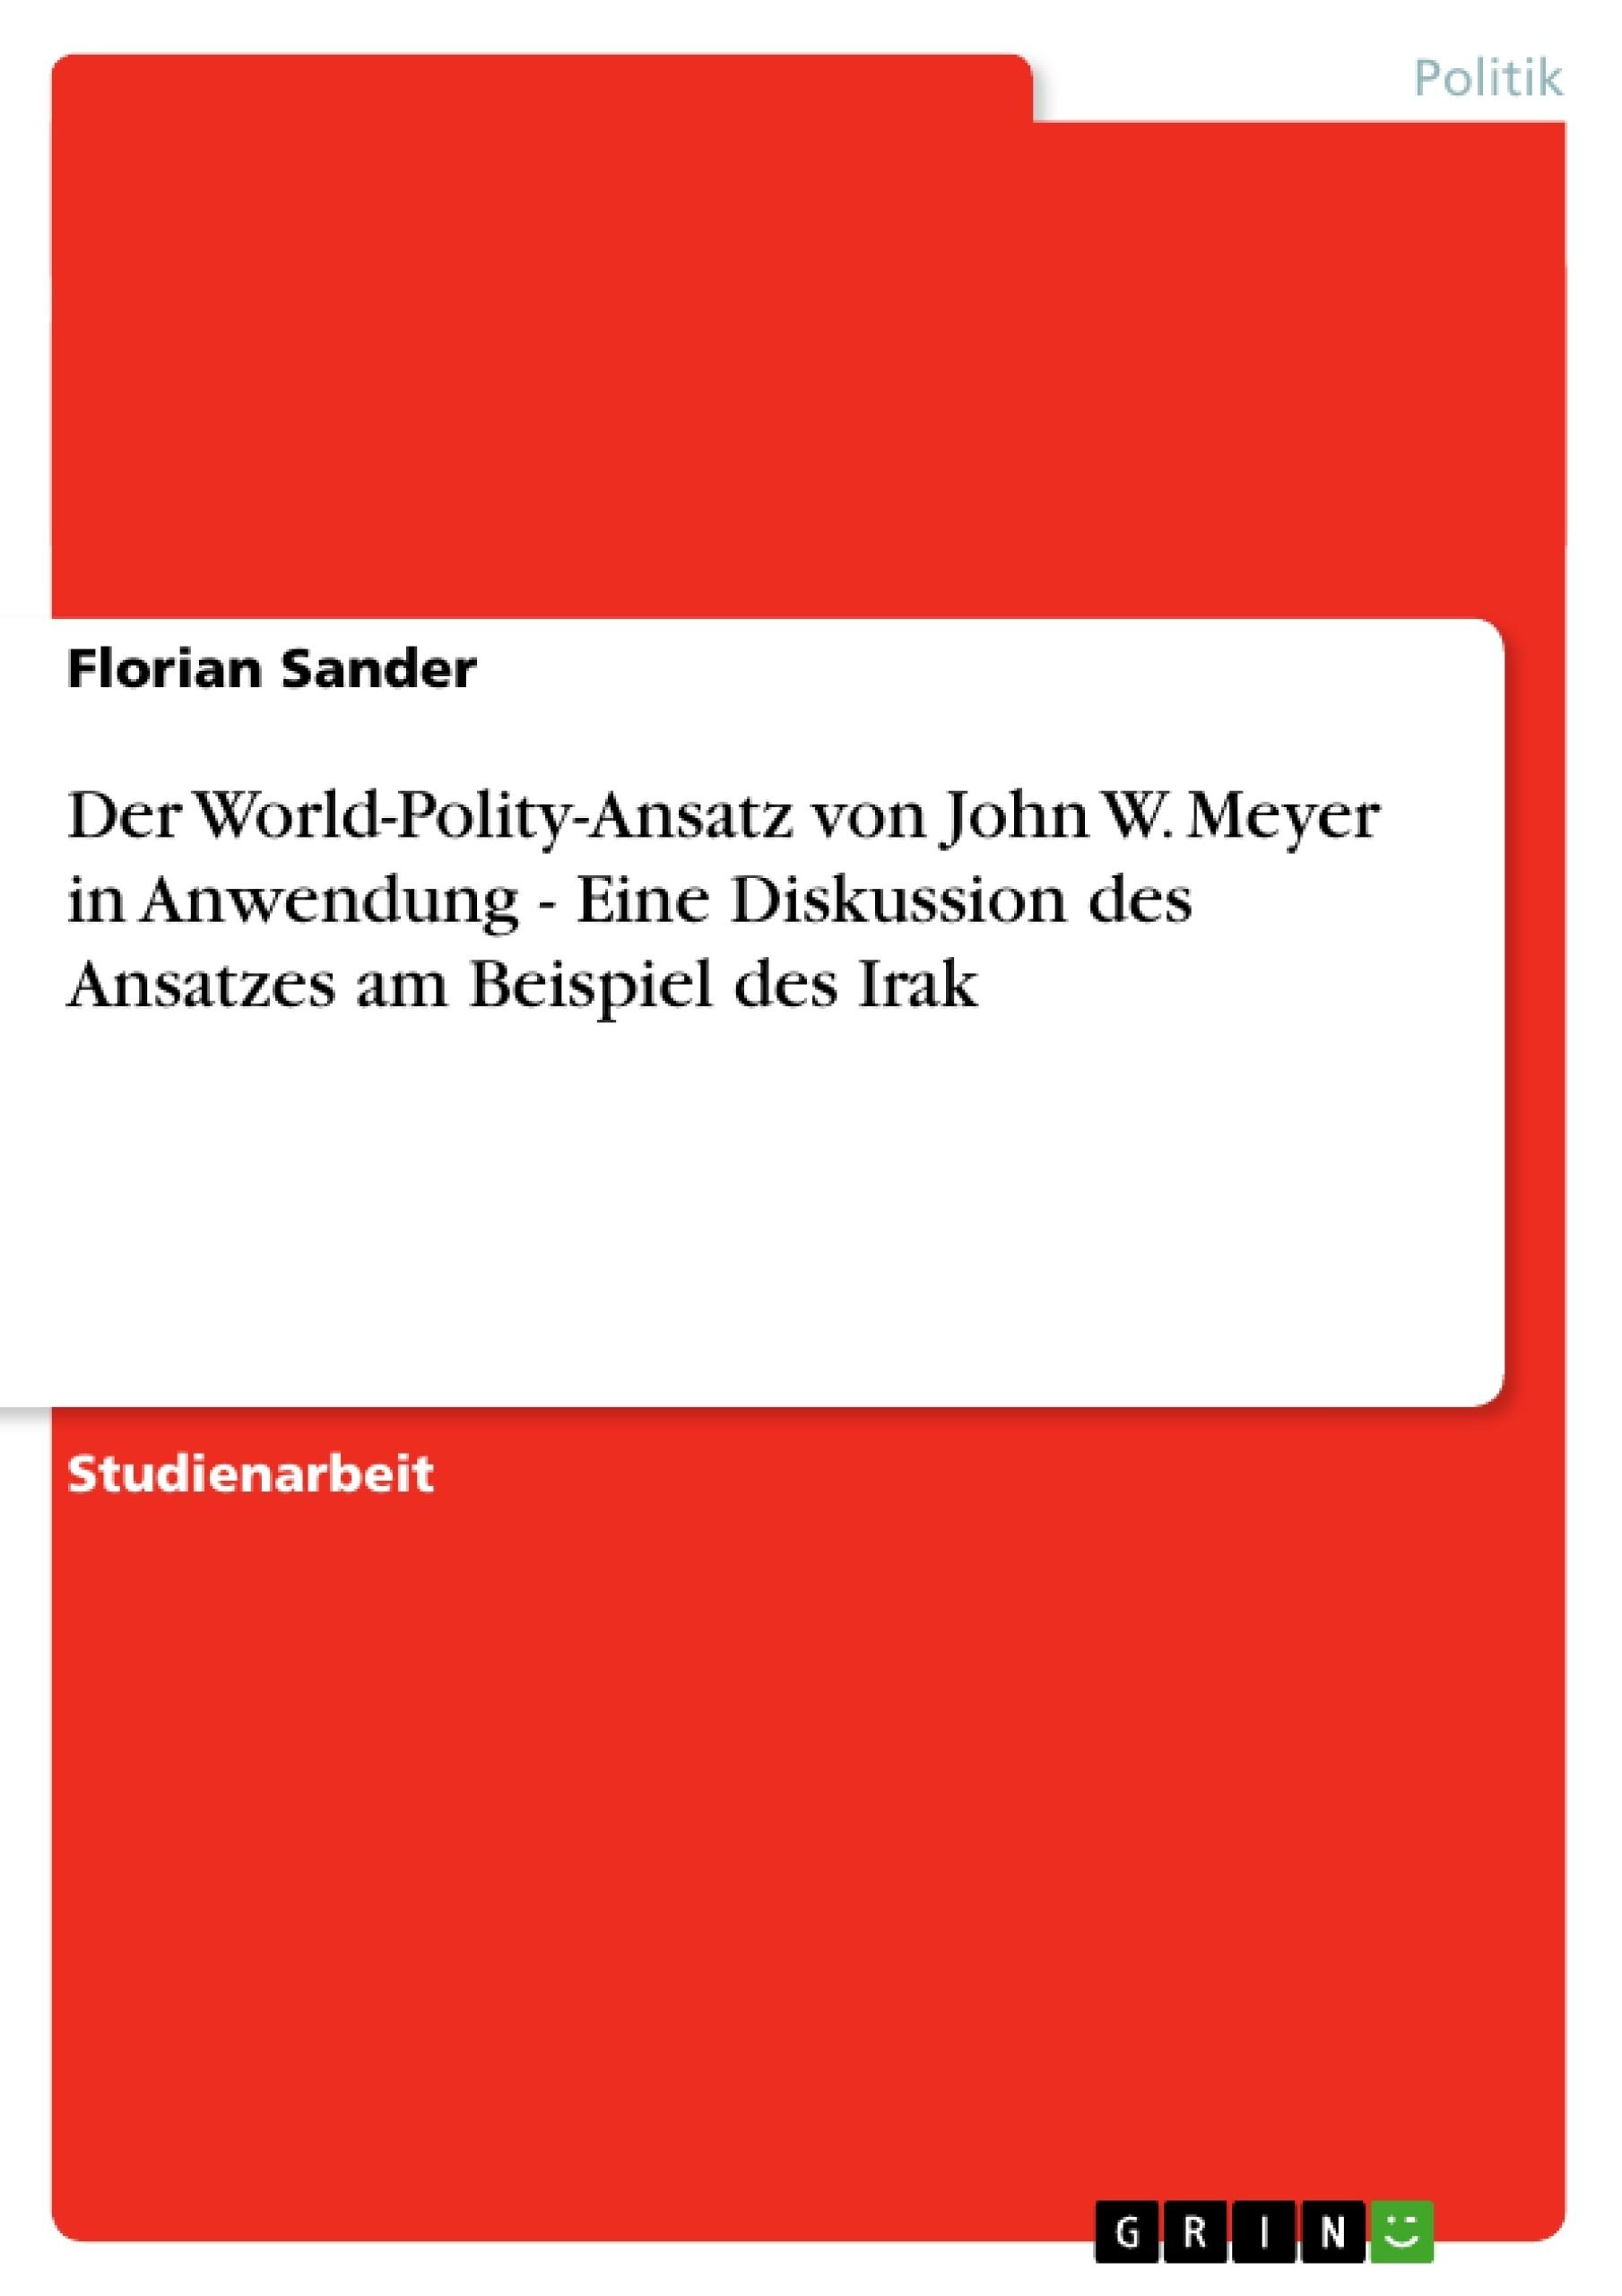 Titel: Der World-Polity-Ansatz von John W. Meyer in Anwendung - Eine Diskussion des Ansatzes am Beispiel des Irak